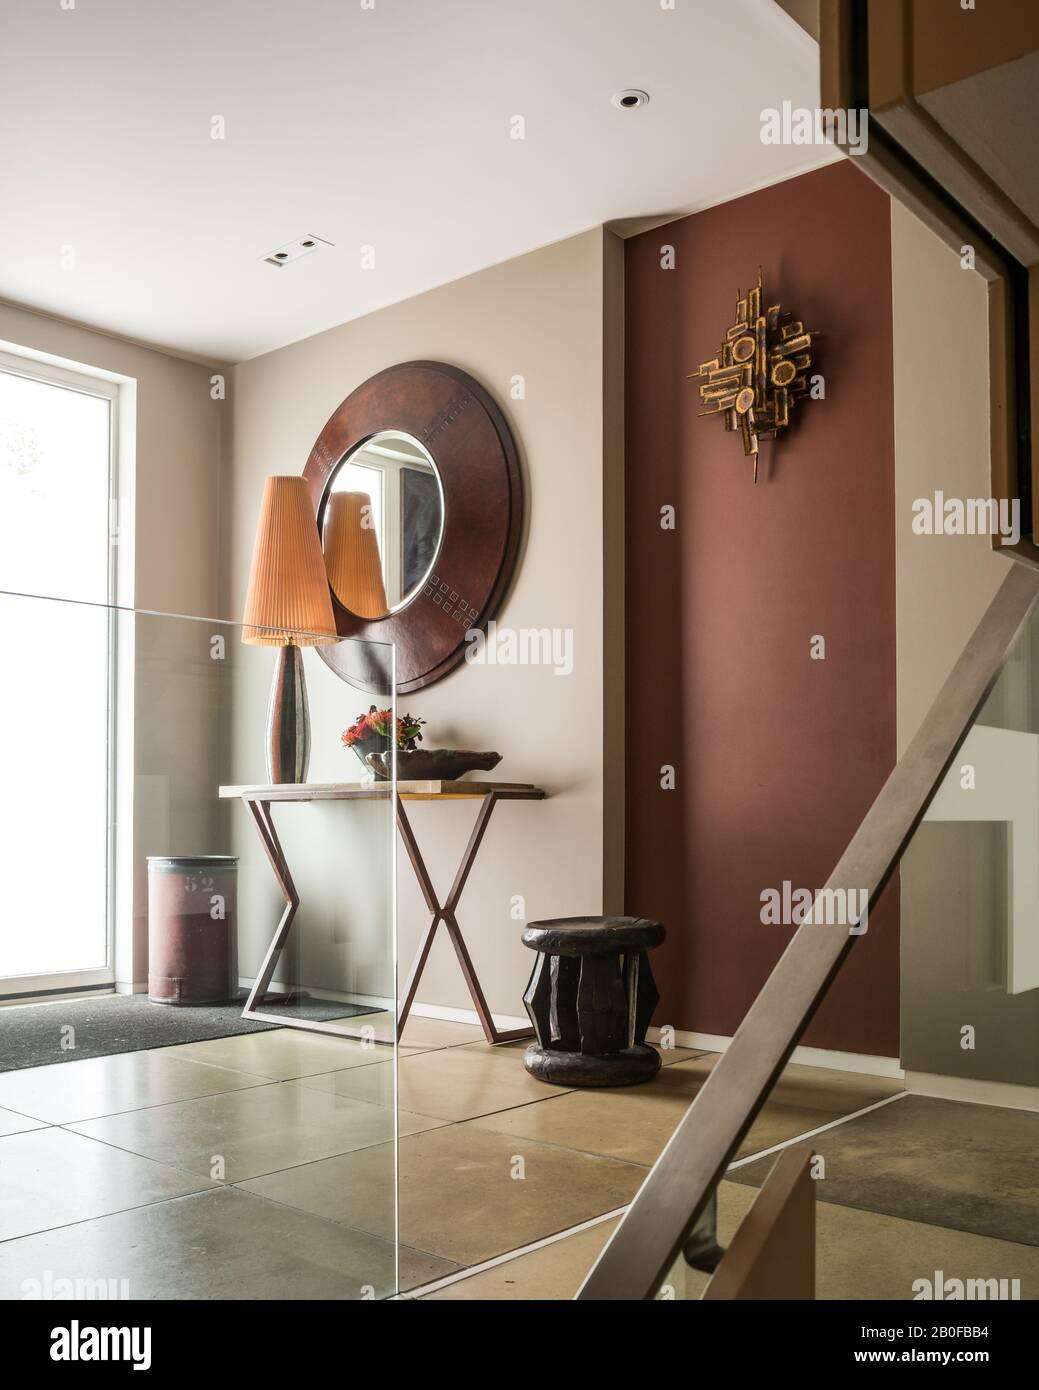 Gran espejo sobre la mesa en el pasillo del moderno apartamento Wset London. Foto de stock